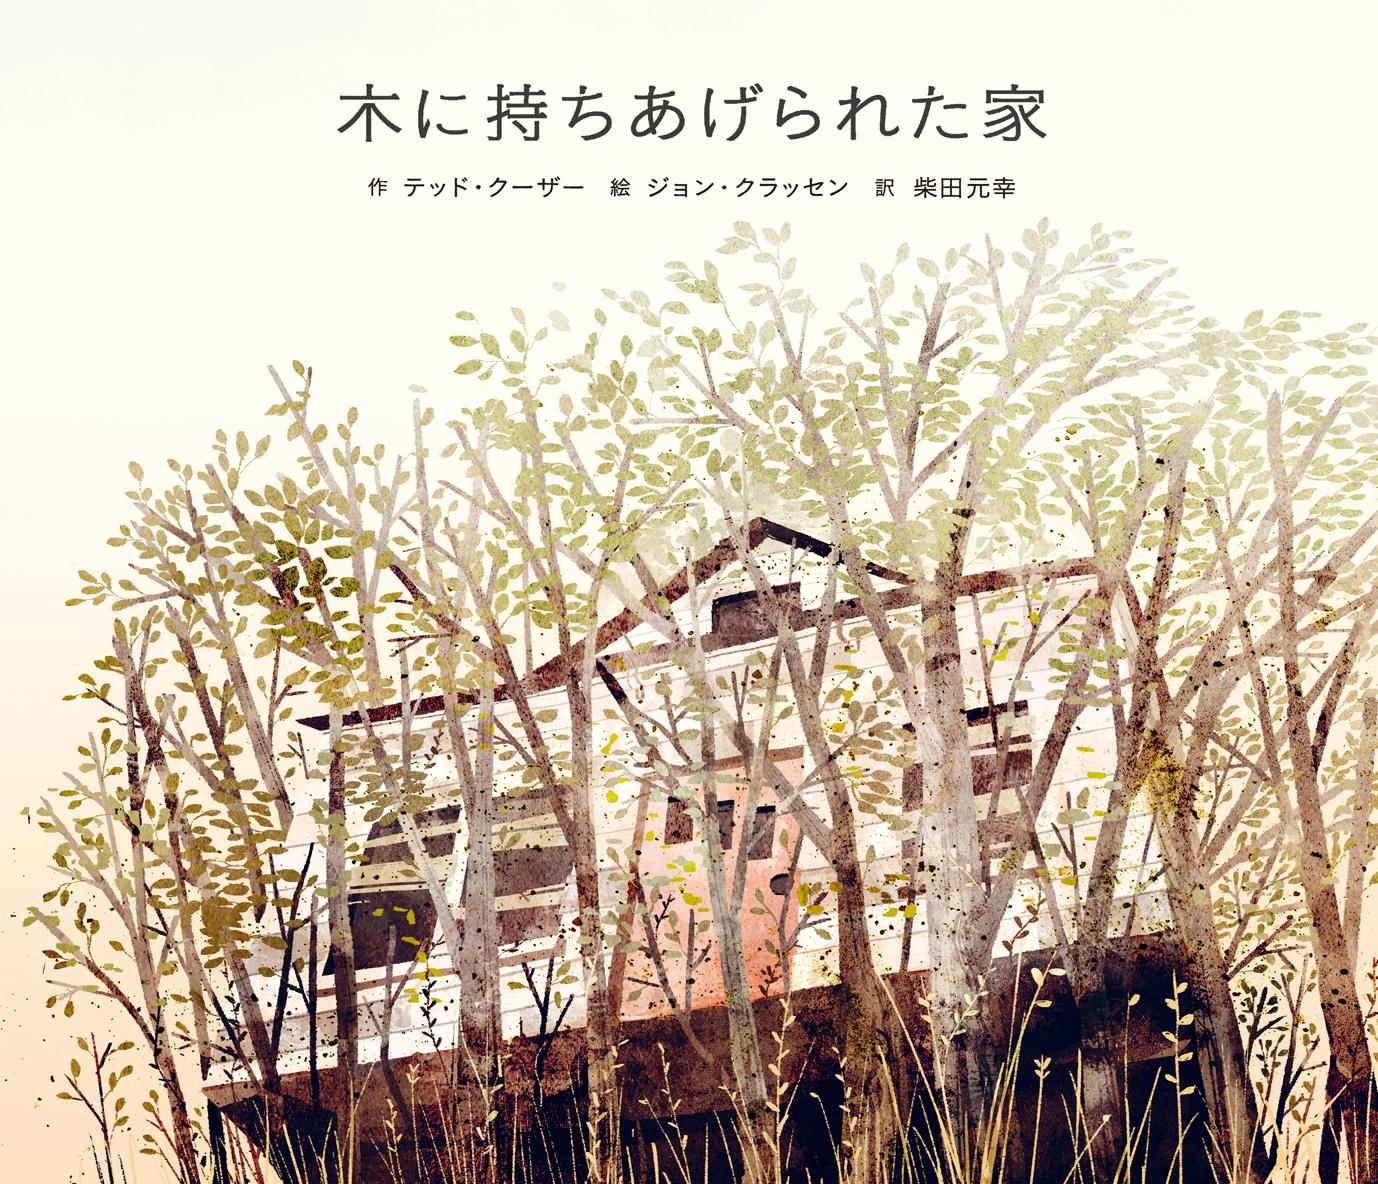 テッド・クーザー×ジョン・クラッセン×柴田元幸『木に持ちあげられた家』